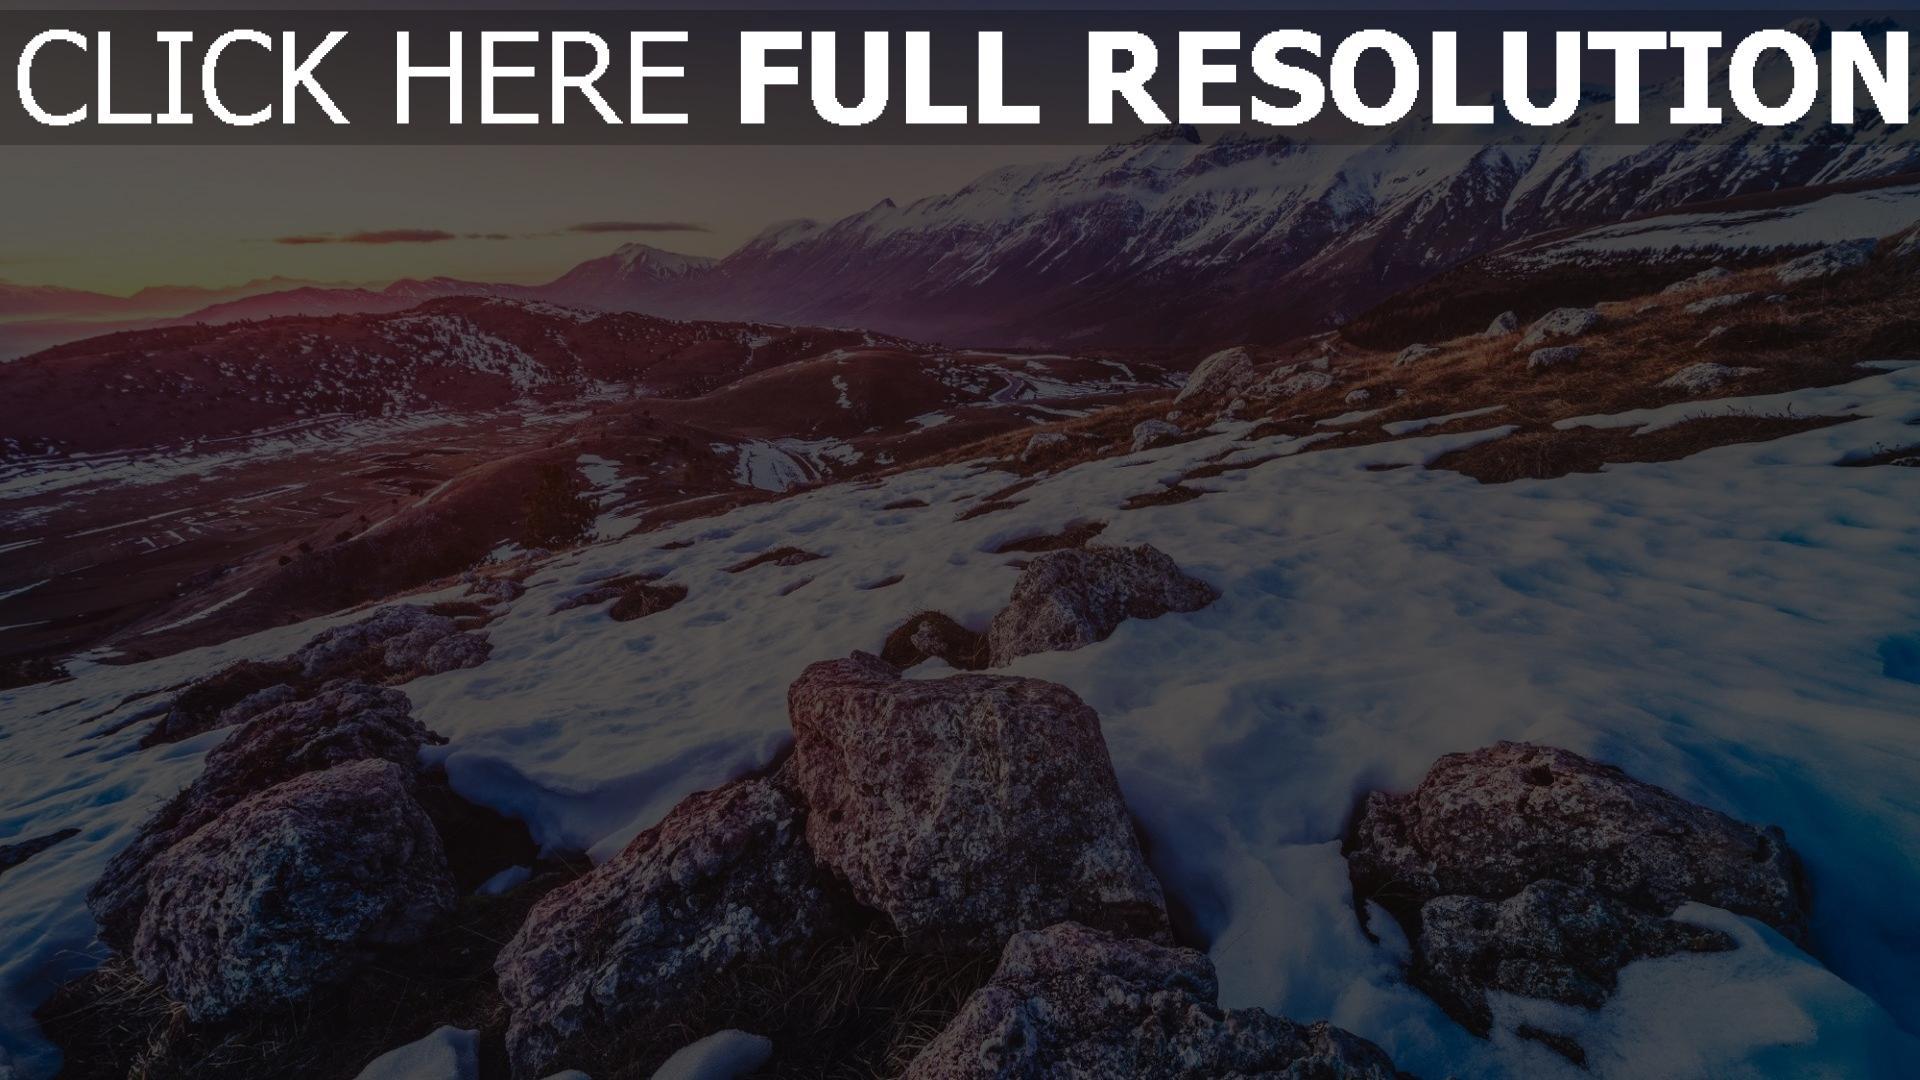 hd hintergrundbilder schnee berge felsen steine höhe 1920x1080